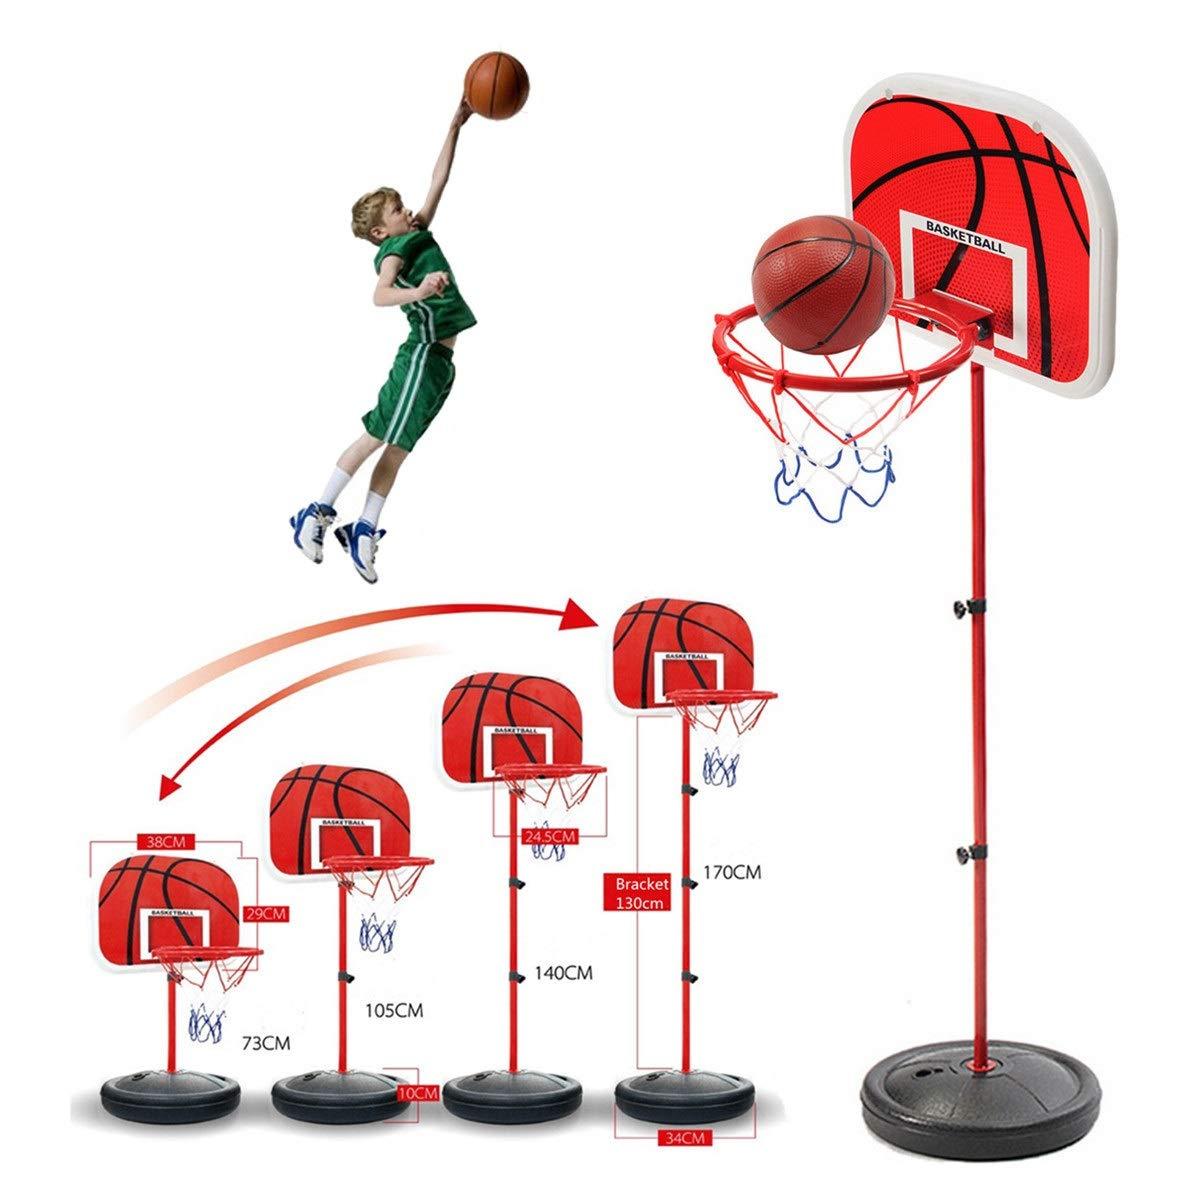 目 高さ調節可能 おもちゃ ミニバスケットボールステーション バックボード フープボール ポンプ 屋内 屋外 スポーツ B07RTBY6B8